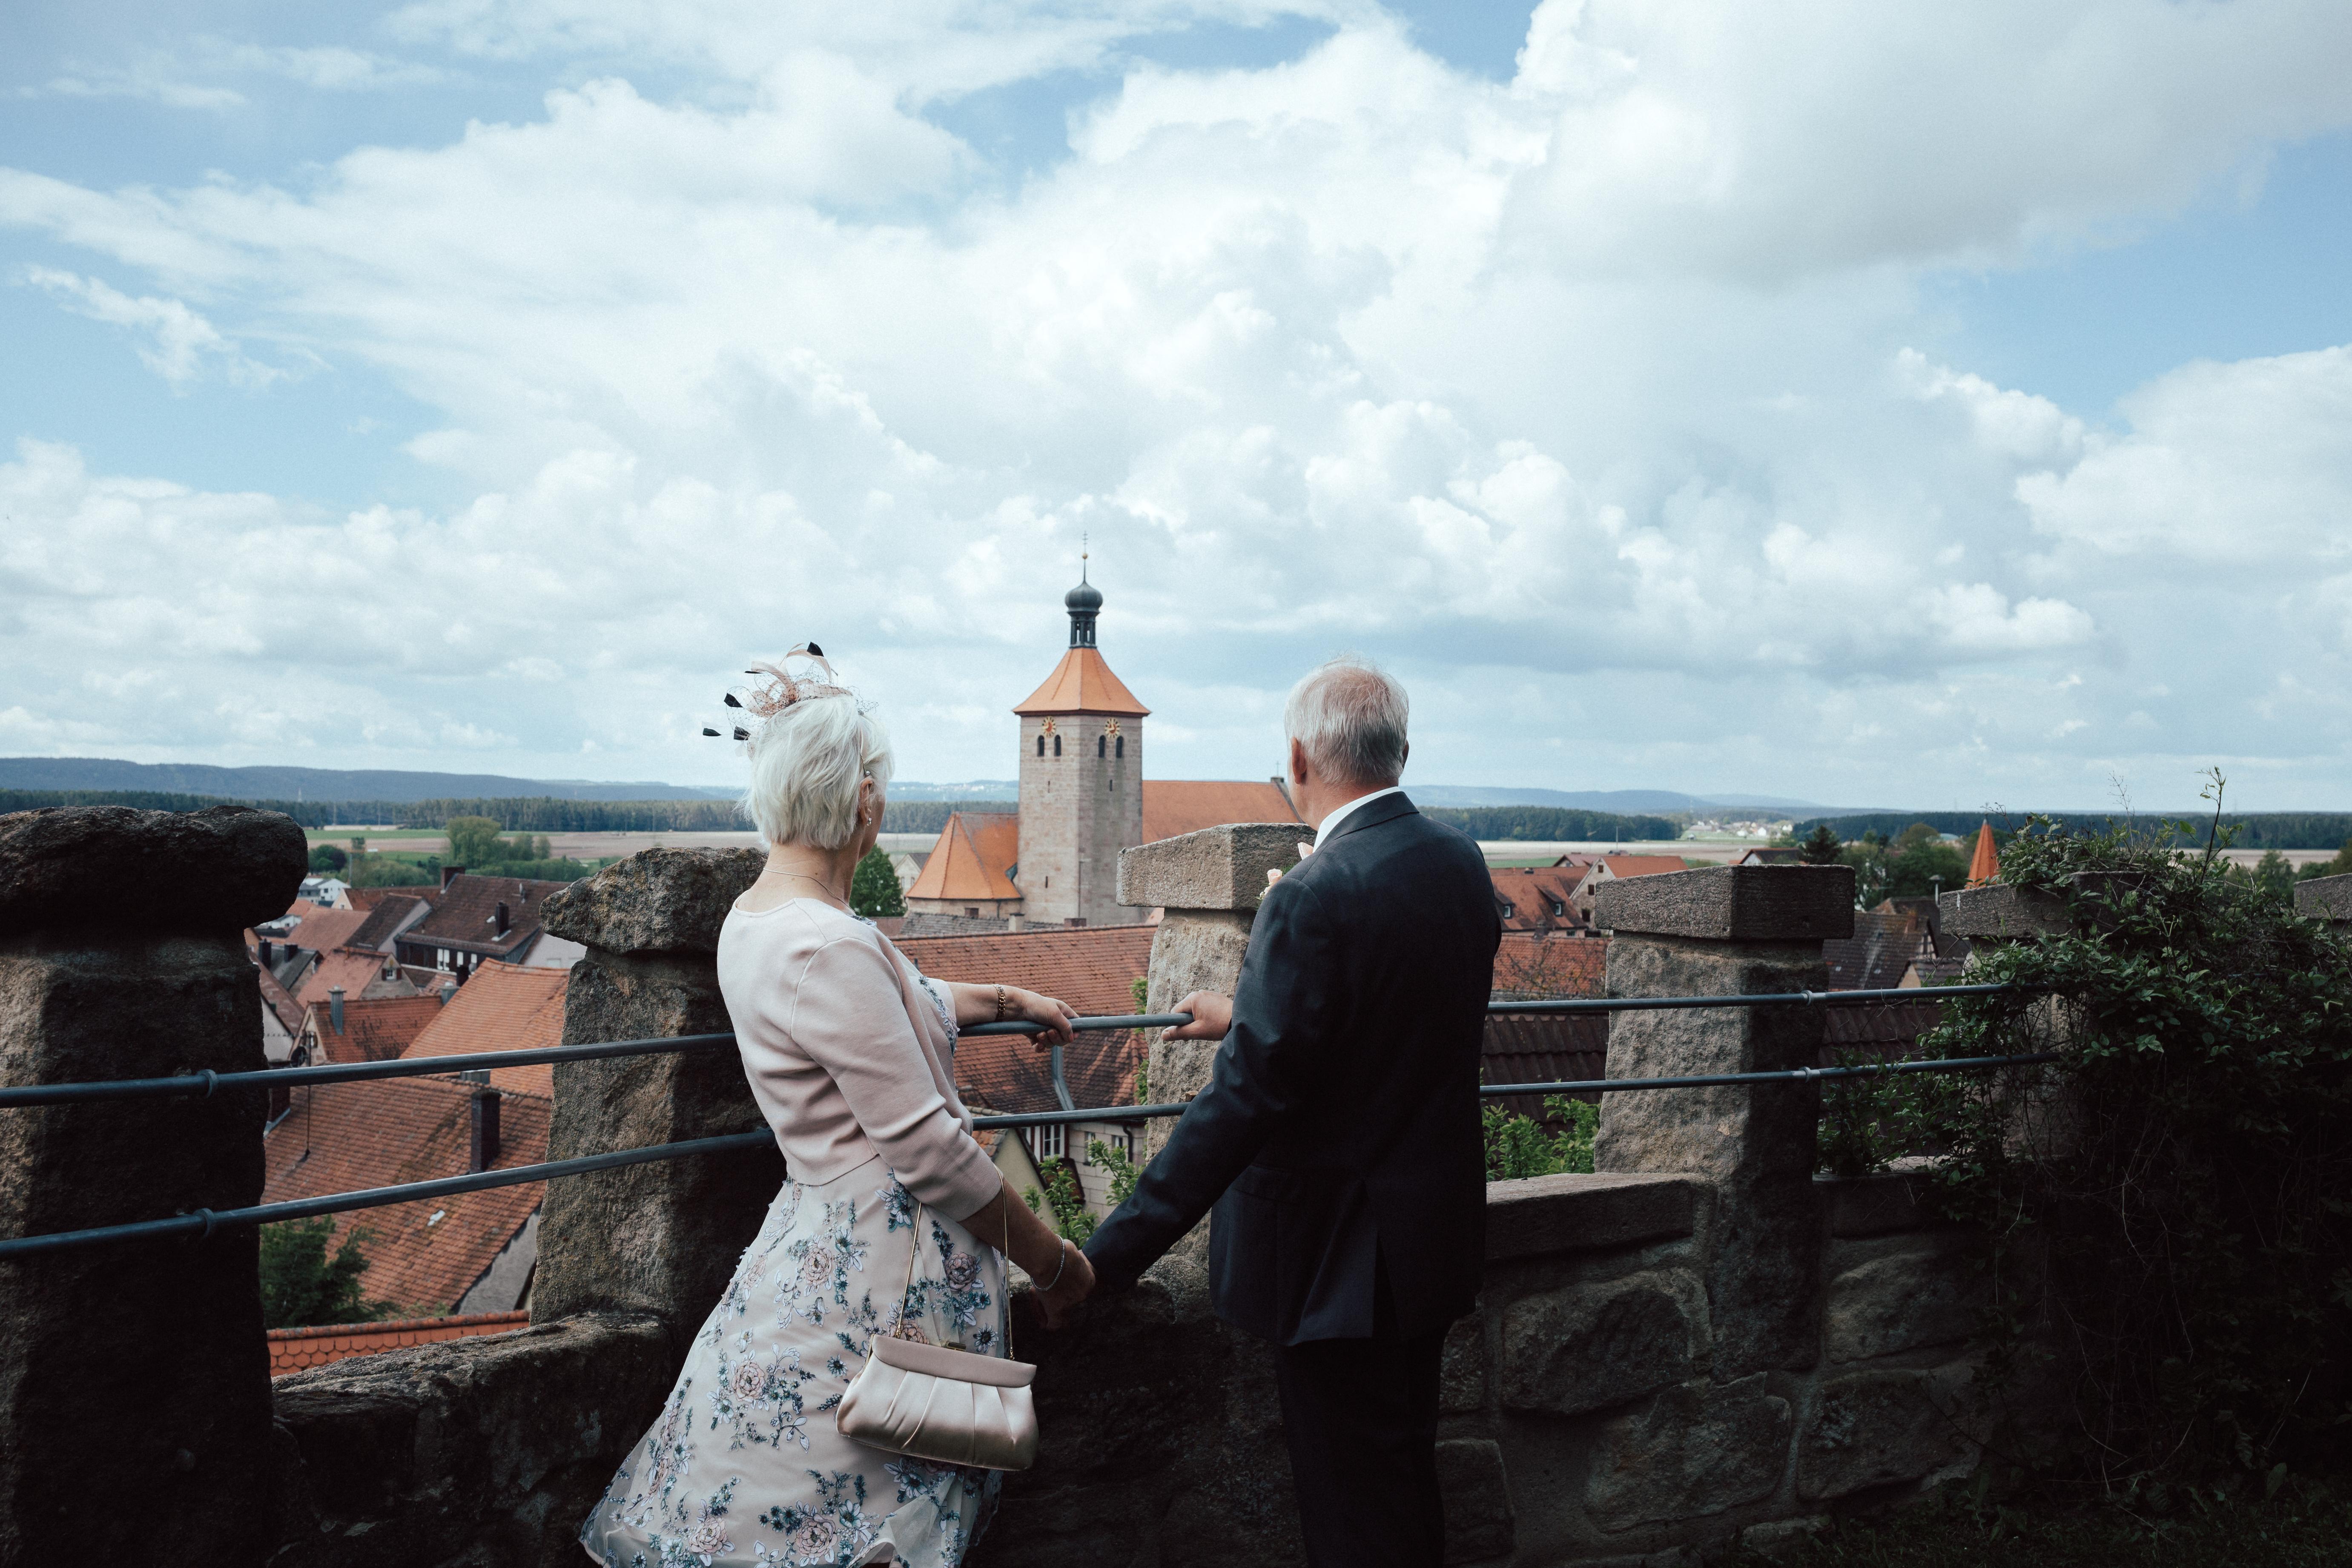 URBANERIE_Hochzeitsfotografin_Nürnberg_Fürth_Erlangen_Schwabach_170513_250025